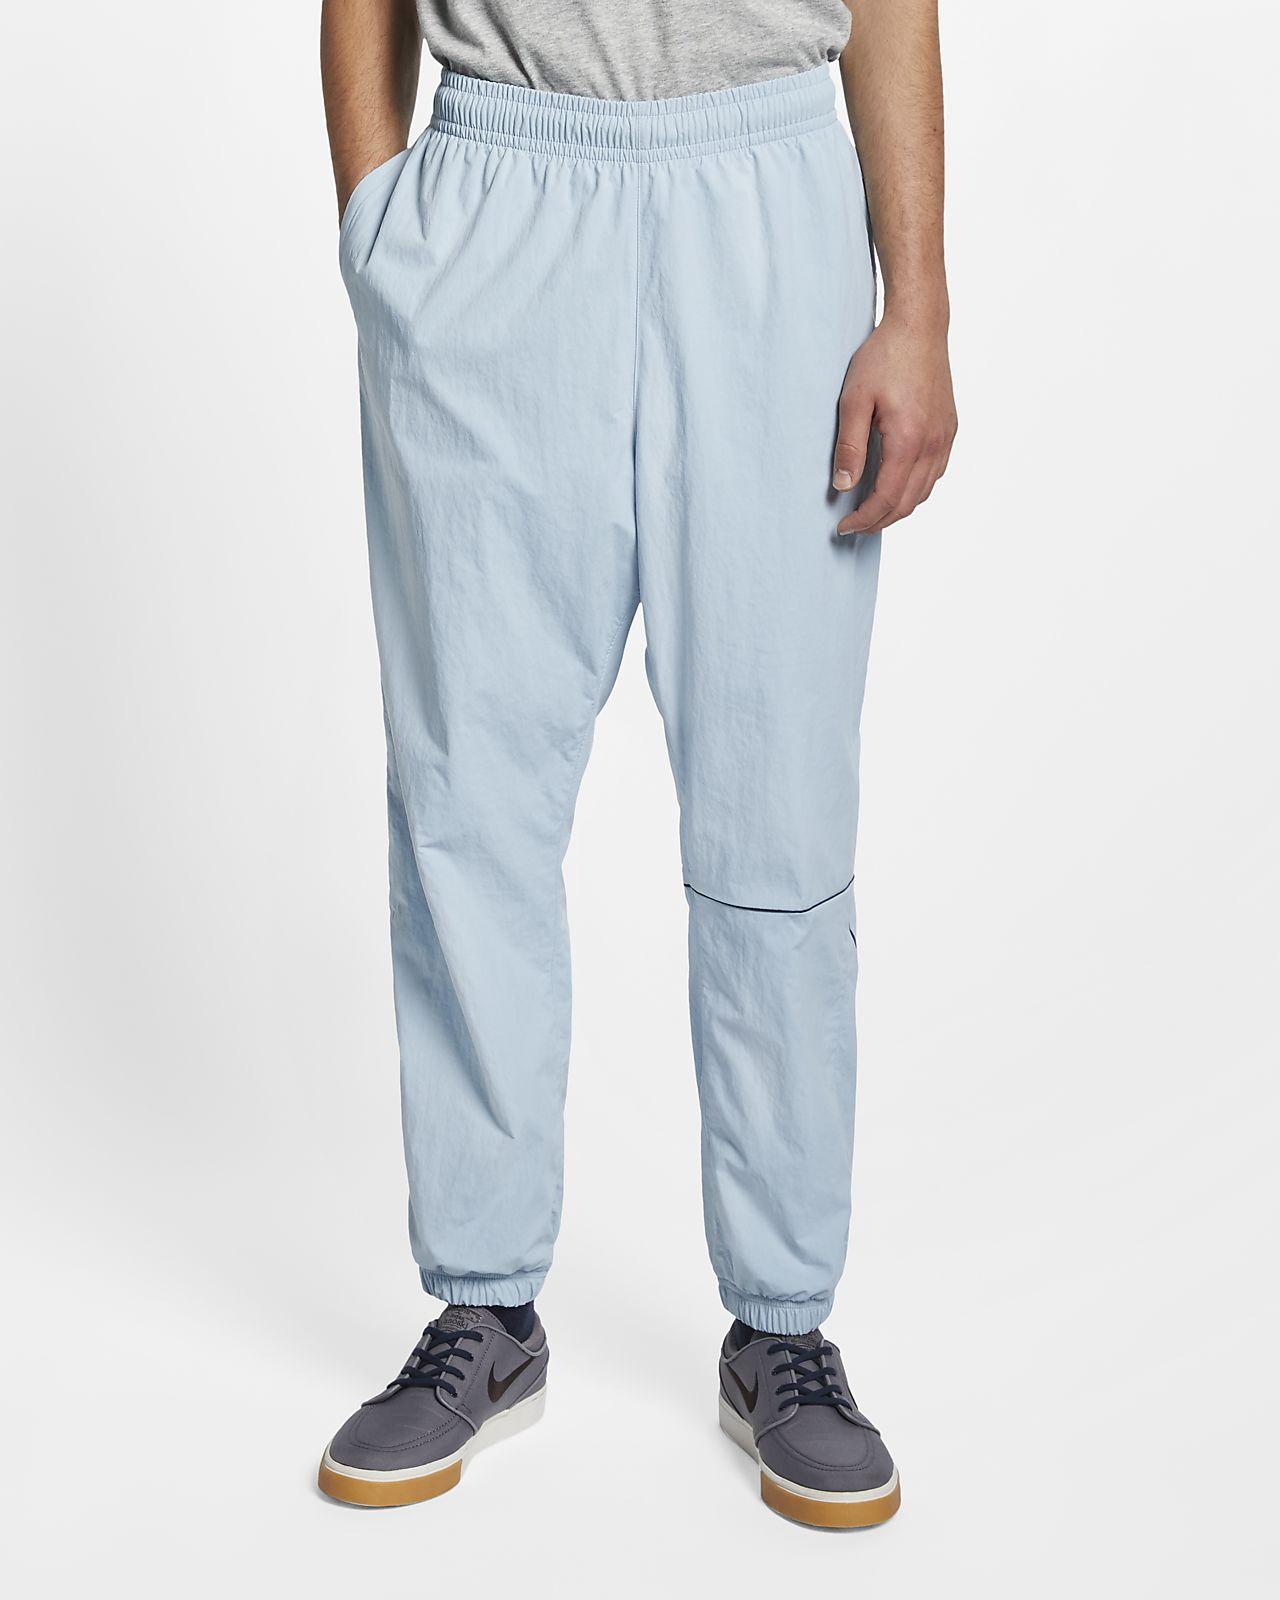 3ab0ab67fa Spodnie dresowe z logo Swoosh do skateboardingu Nike SB. Nike.com PL